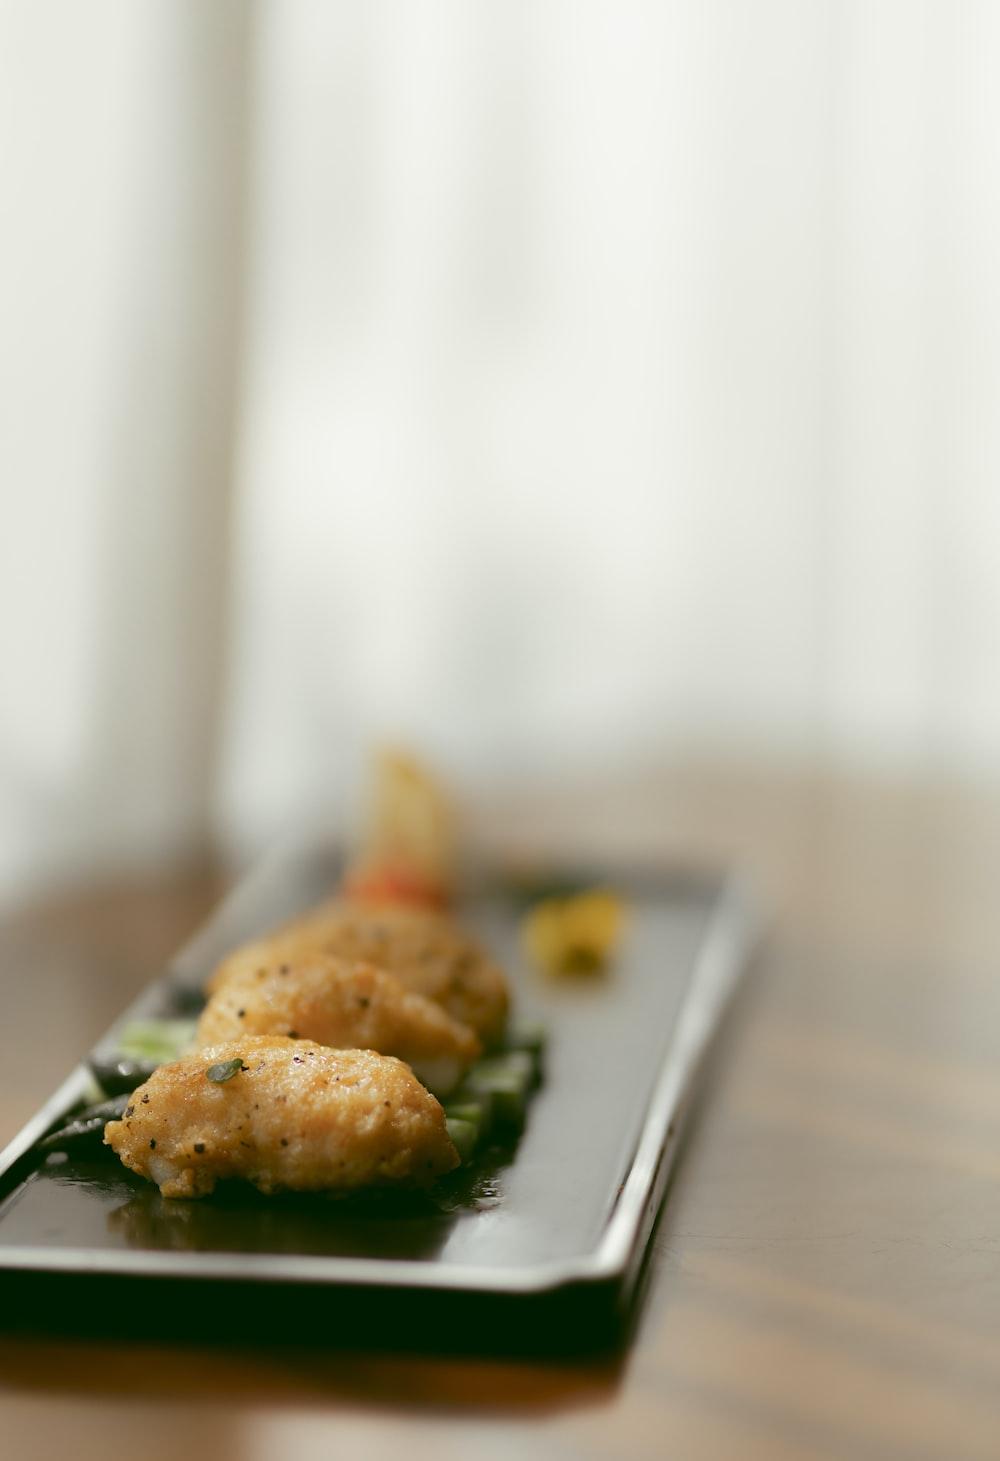 fried food on black plate